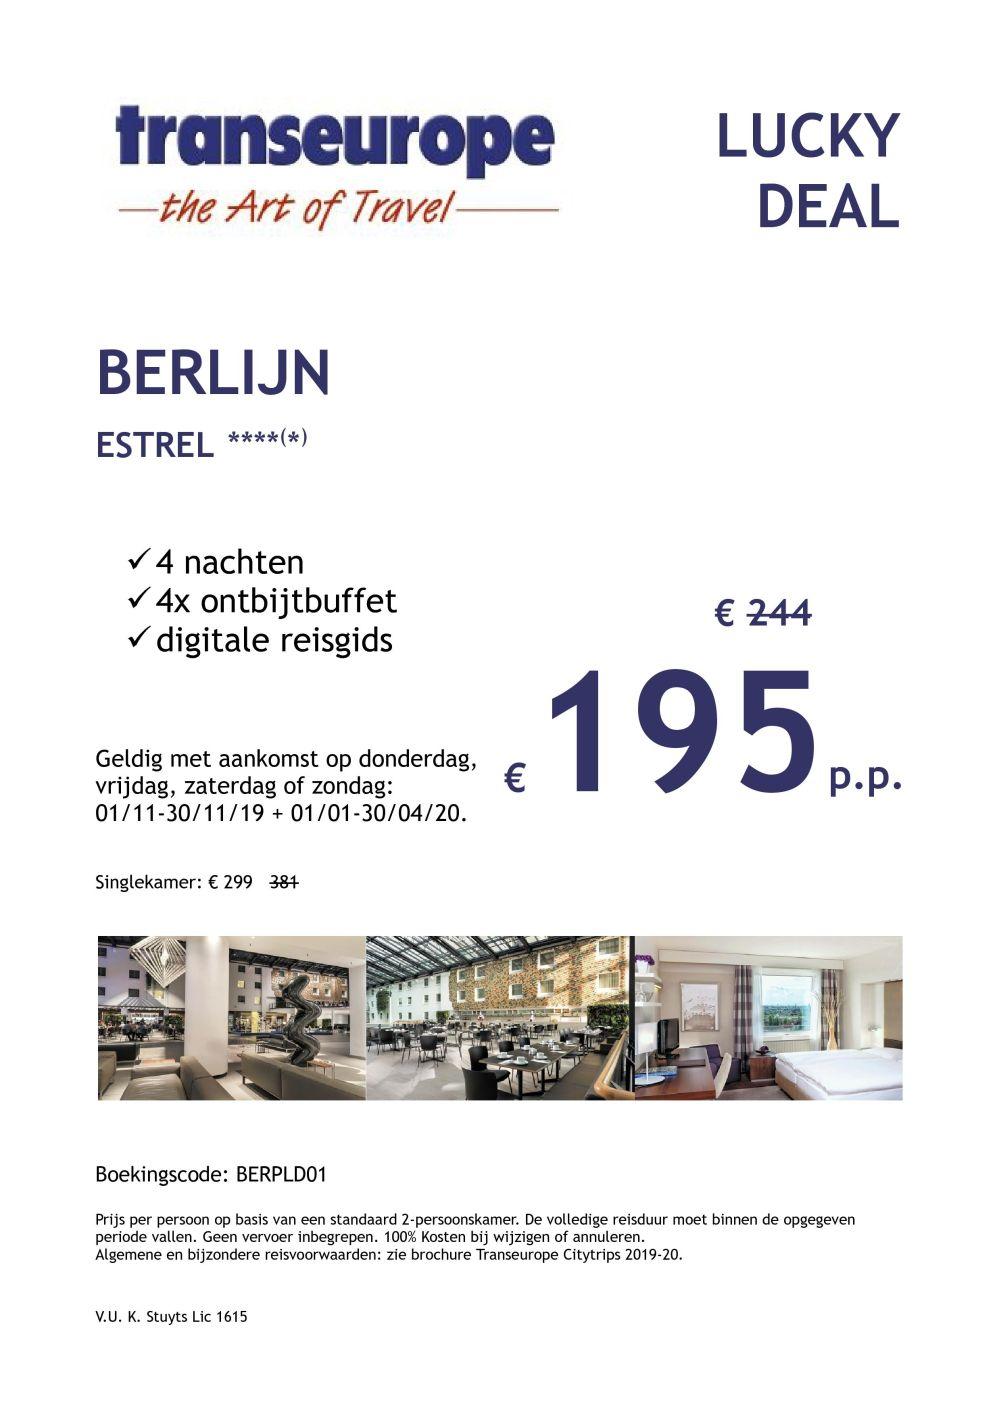 Last Minutes en Promoties - Transeurope - Berlijn